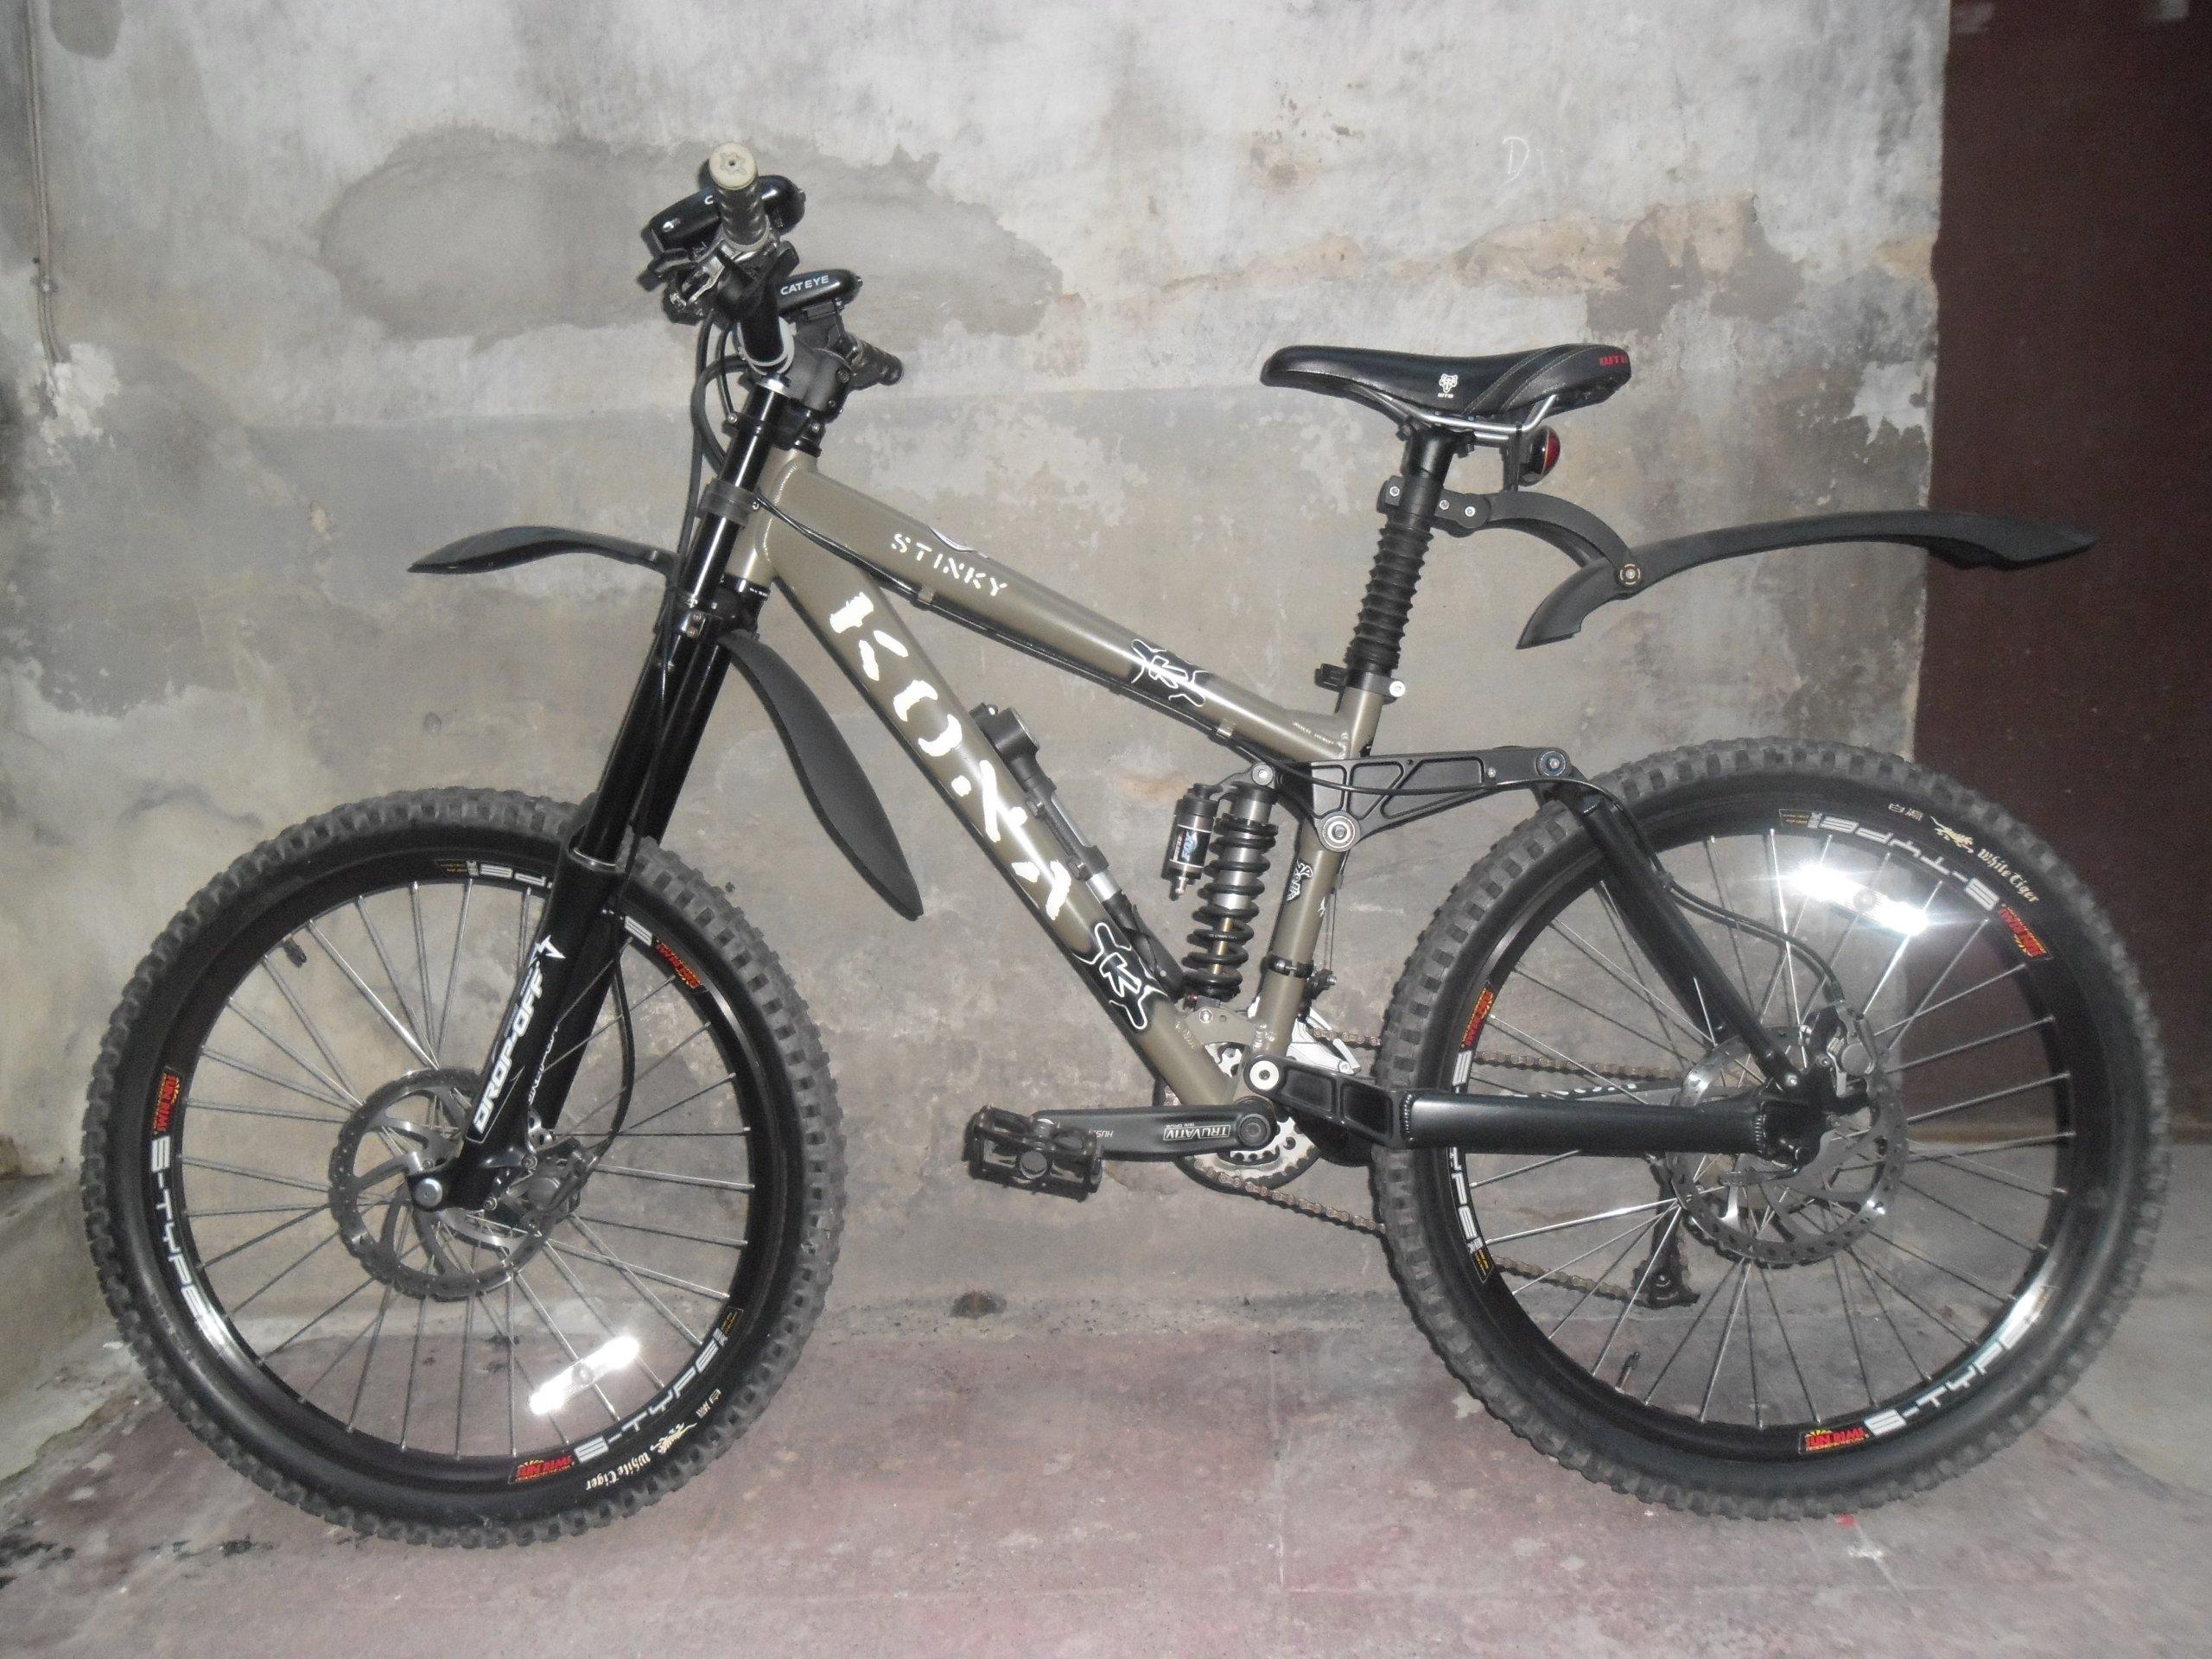 Rower Kona Stinki 2005